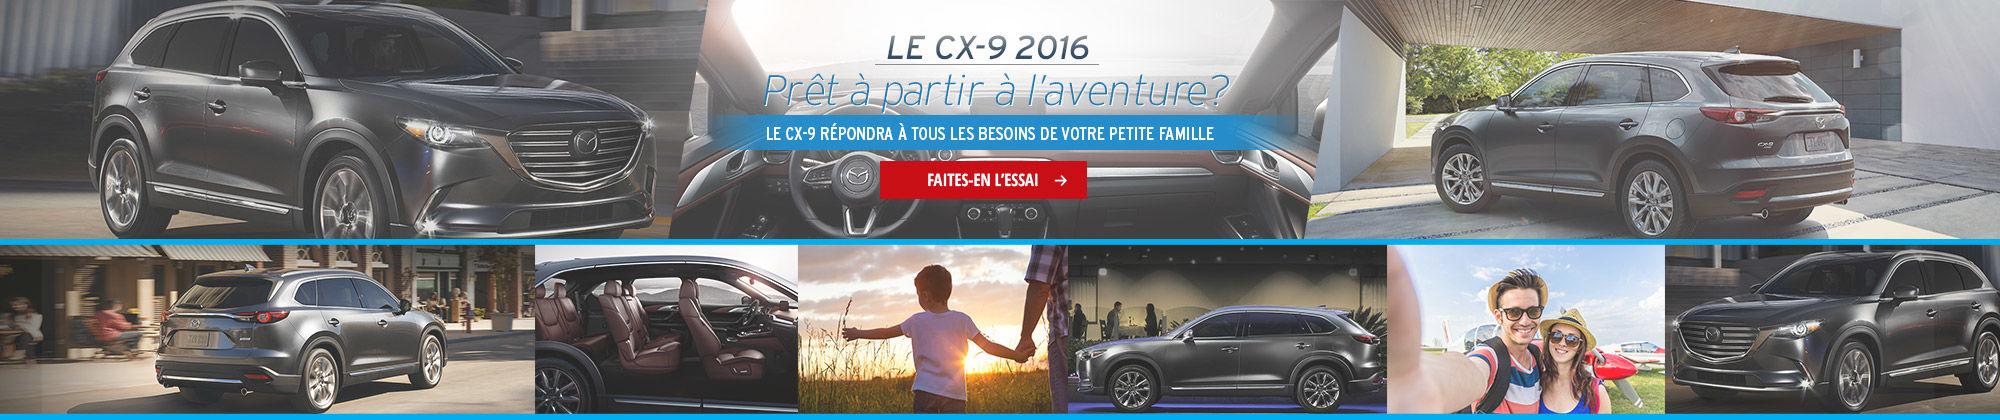 Le CX-9 2016